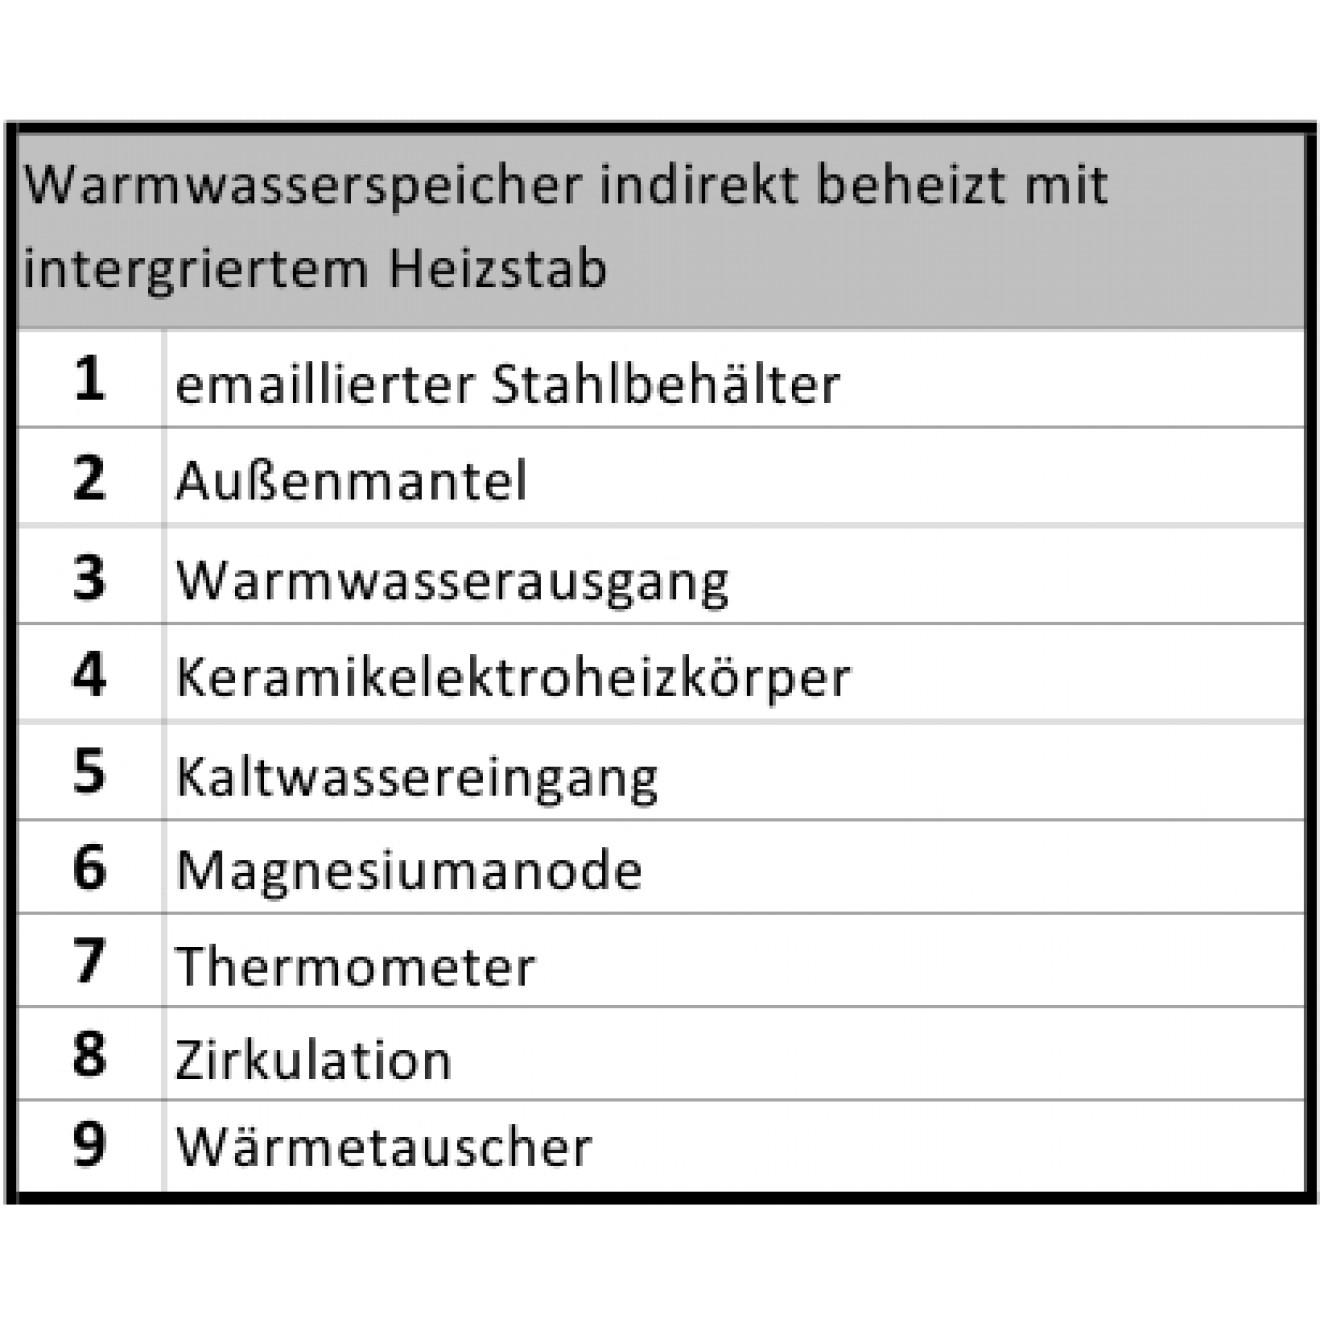 Charmant Direkter Warmwasserspeicher Fotos - Der Schaltplan - greigo.com